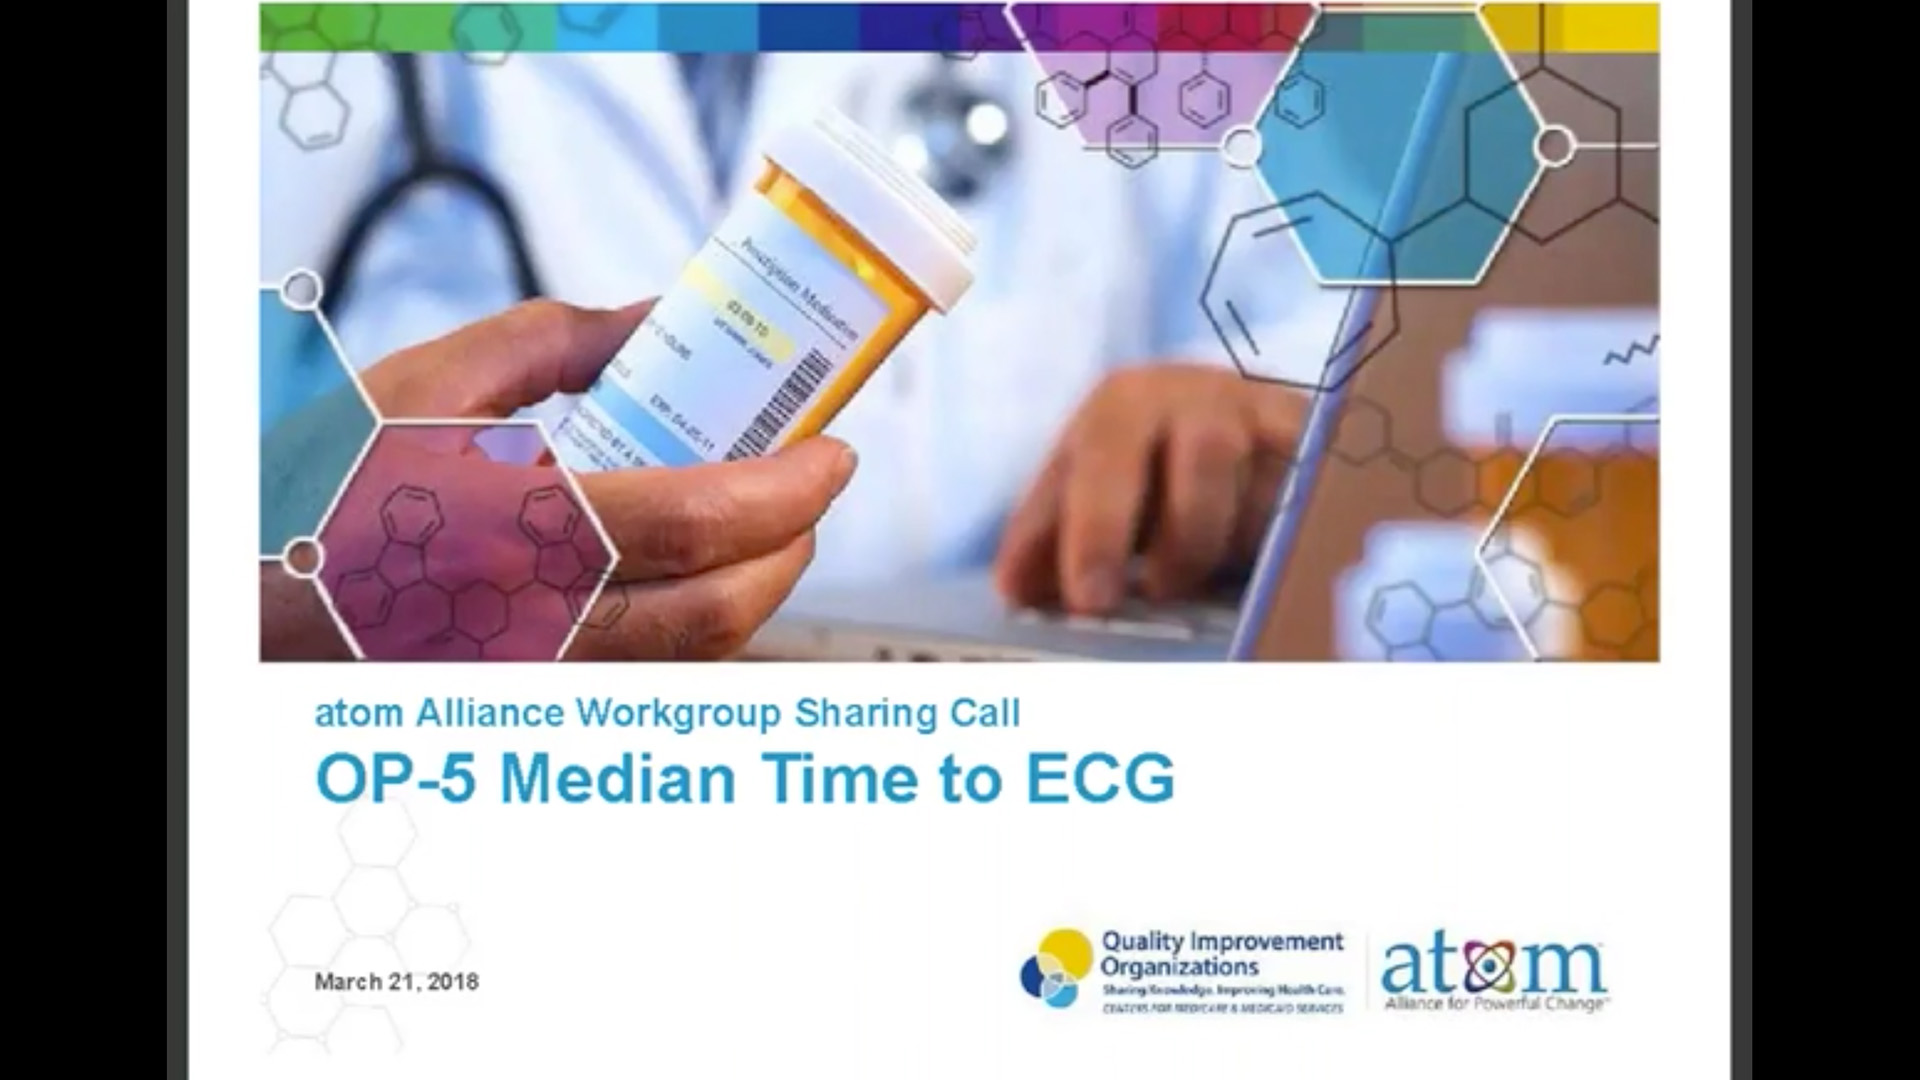 OP-5 Median Time to ECG